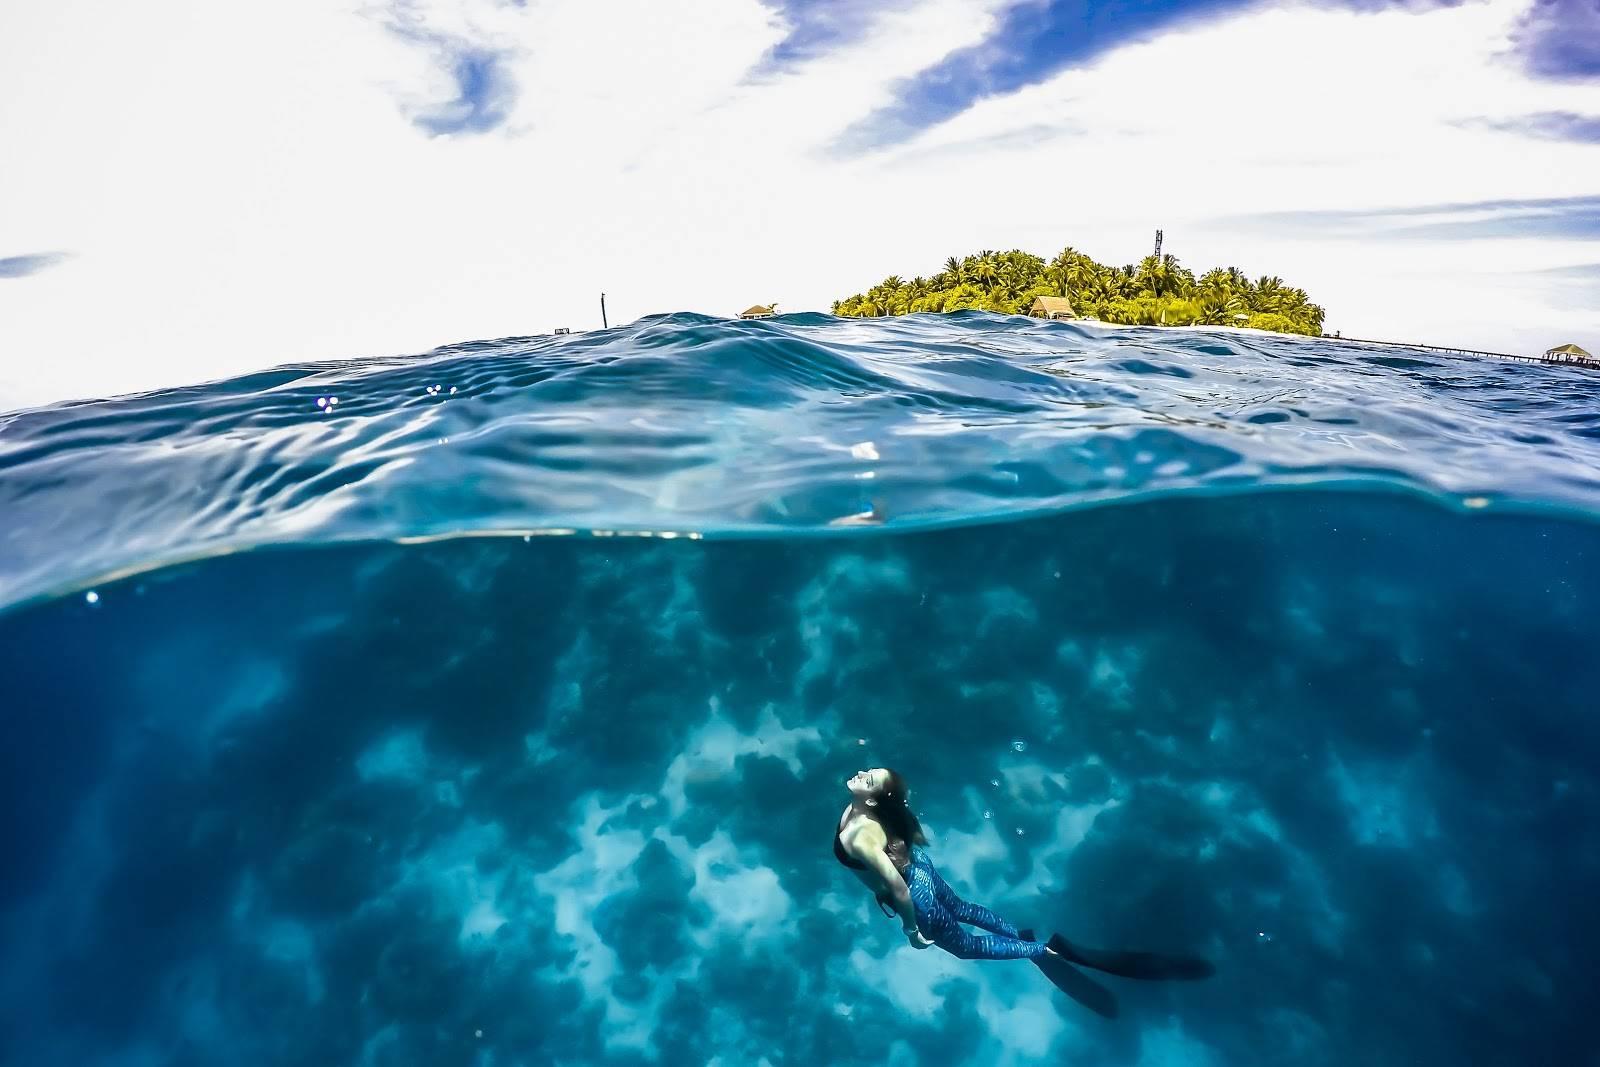 Best dive destinations near Singapore